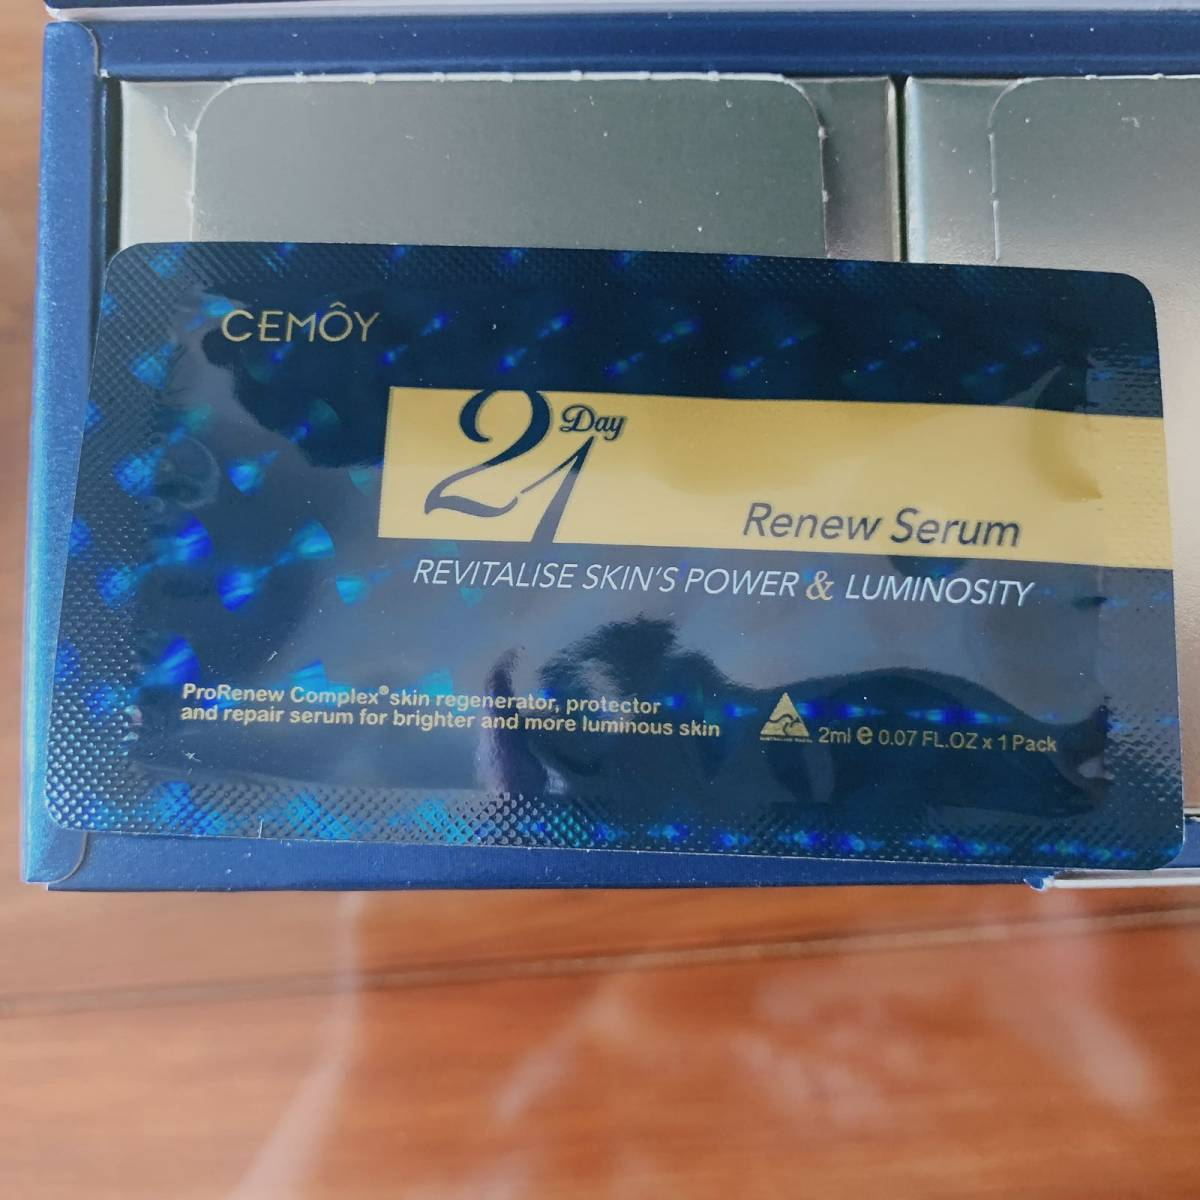 九月打卡挑战第一篇 今天来说说澳洲的cemoy极光21天精华